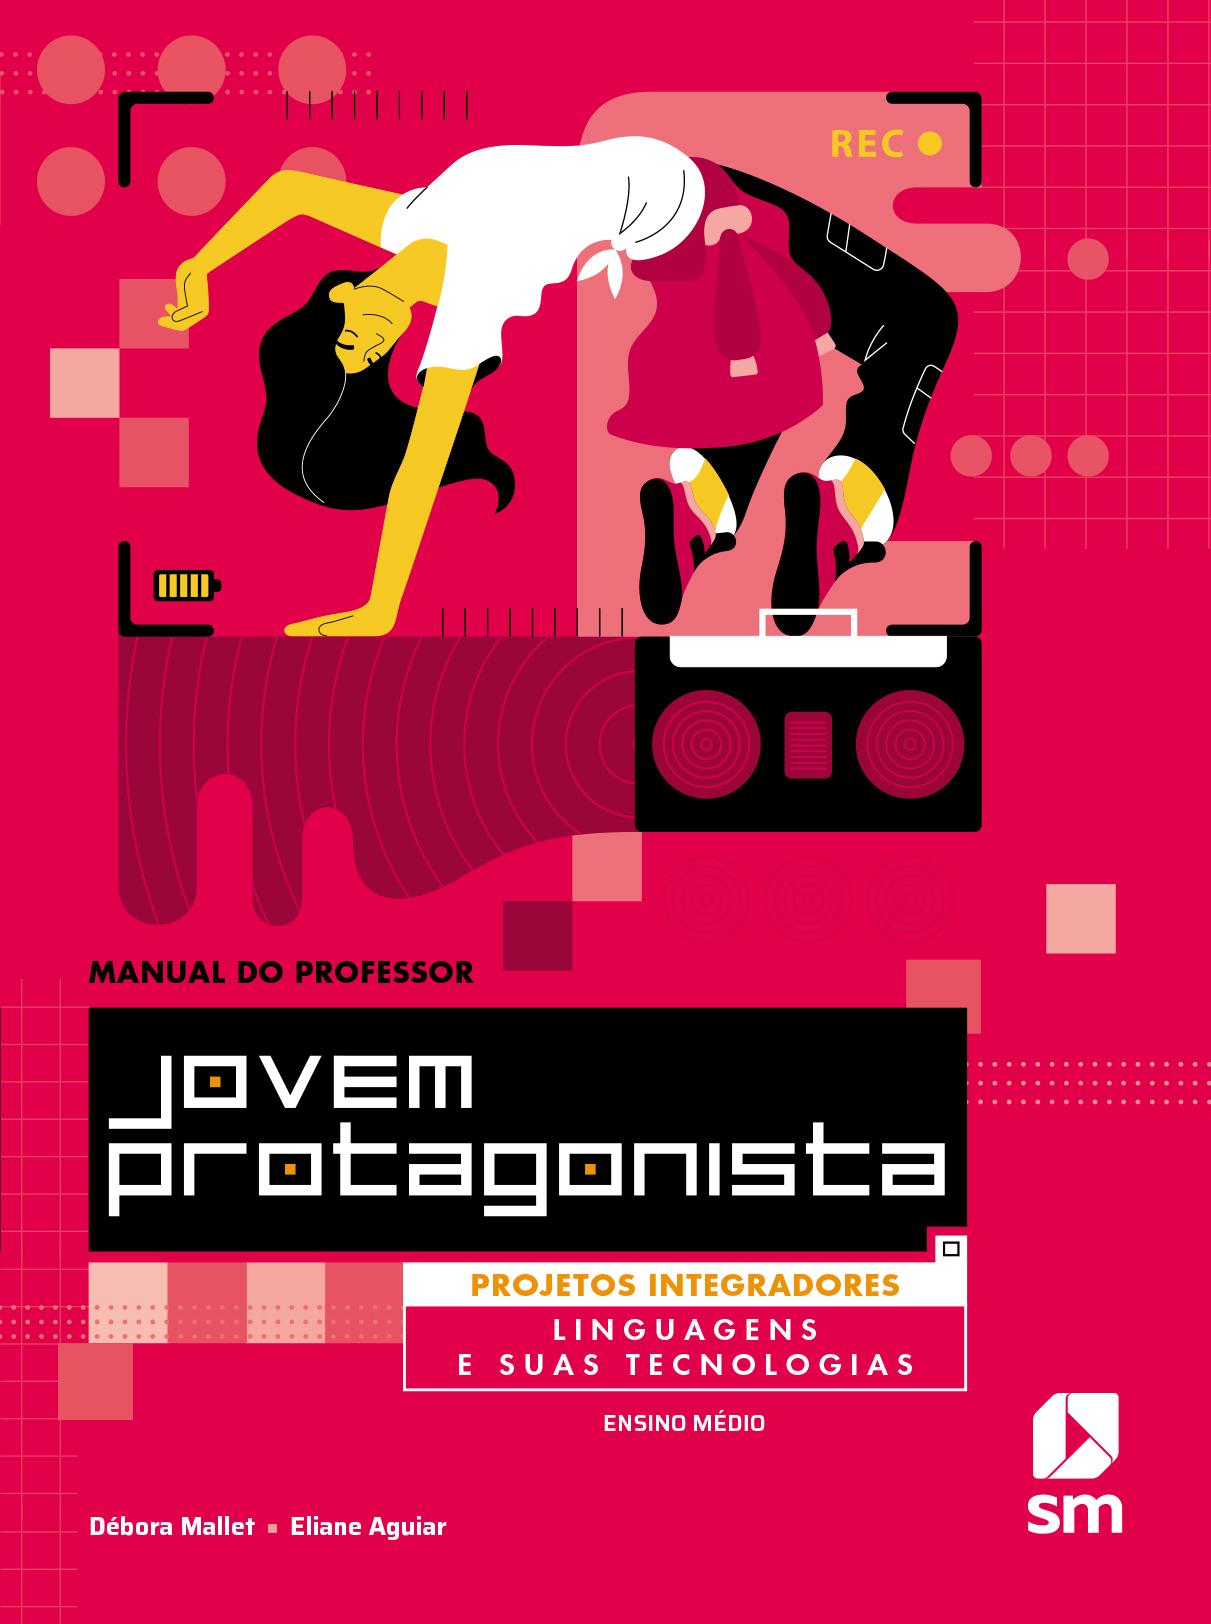 Capa do livro Linguagens e suas tecnologias da coleção Jovem protagonista